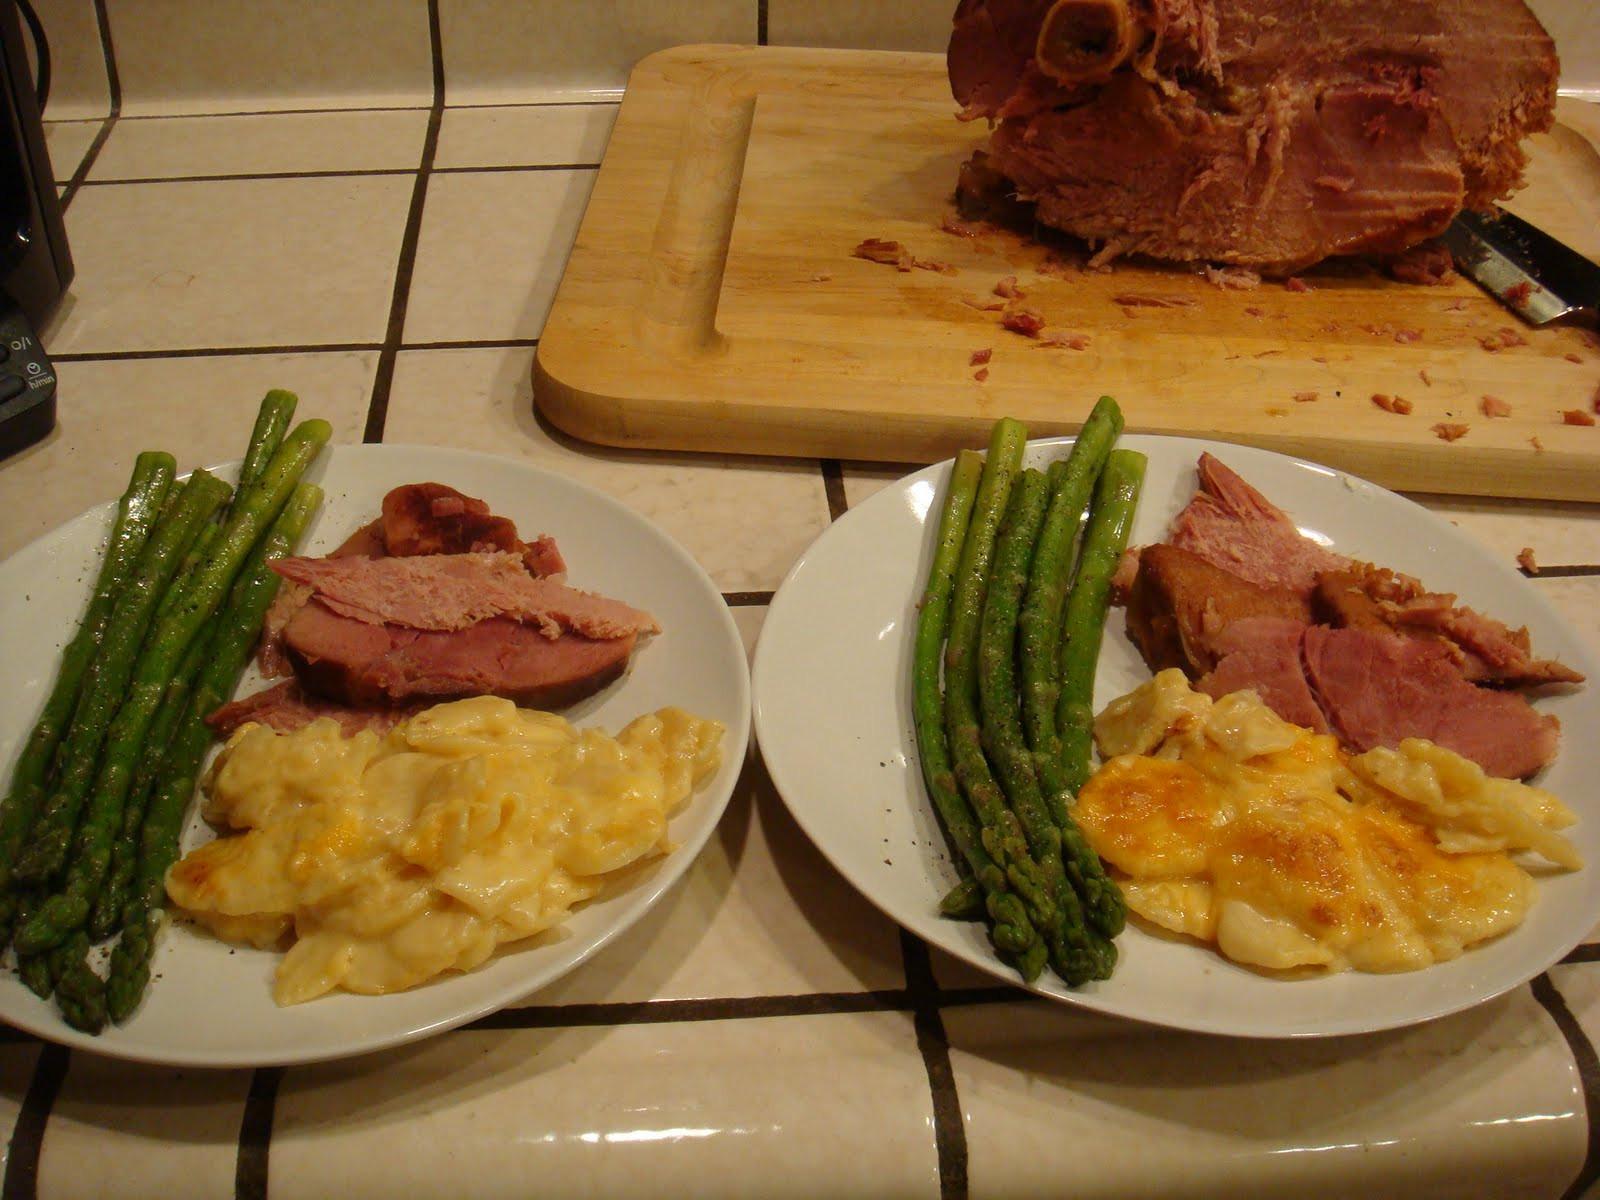 Easter Dinner Ideas With Ham  Gourmet Gibbs Bunny s Secret Mormon Family Recipe